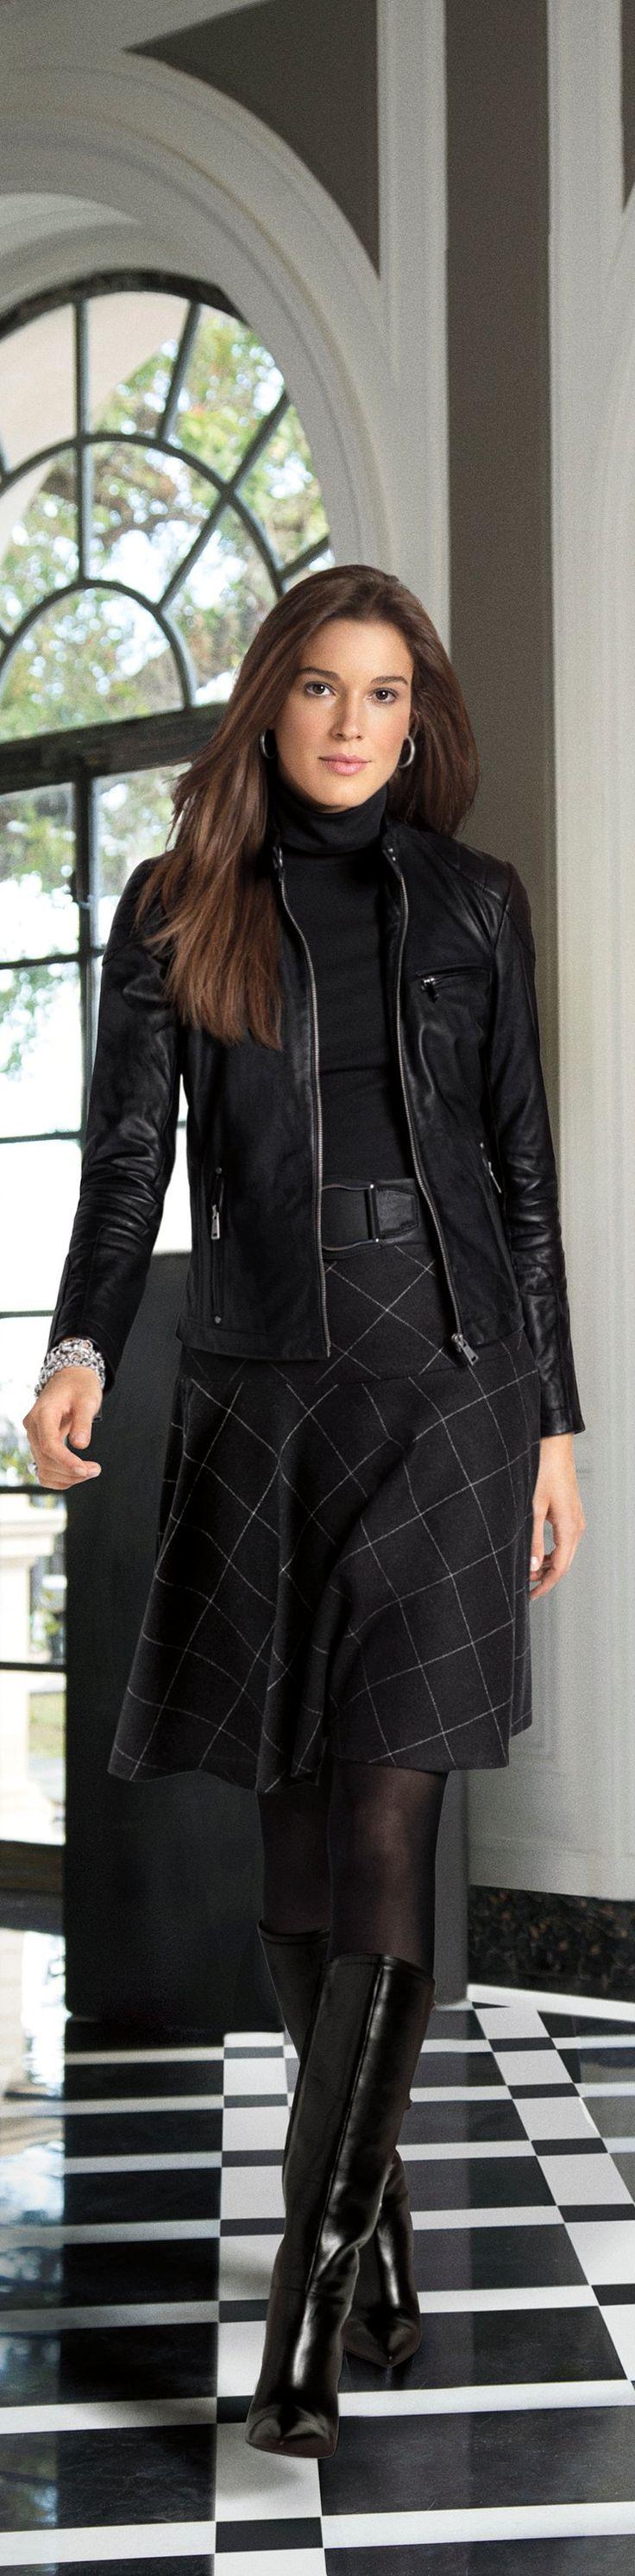 Renouvelez votre look d'automne signéLaurenRalphLaurenavec des tons élégants de noir et de gris